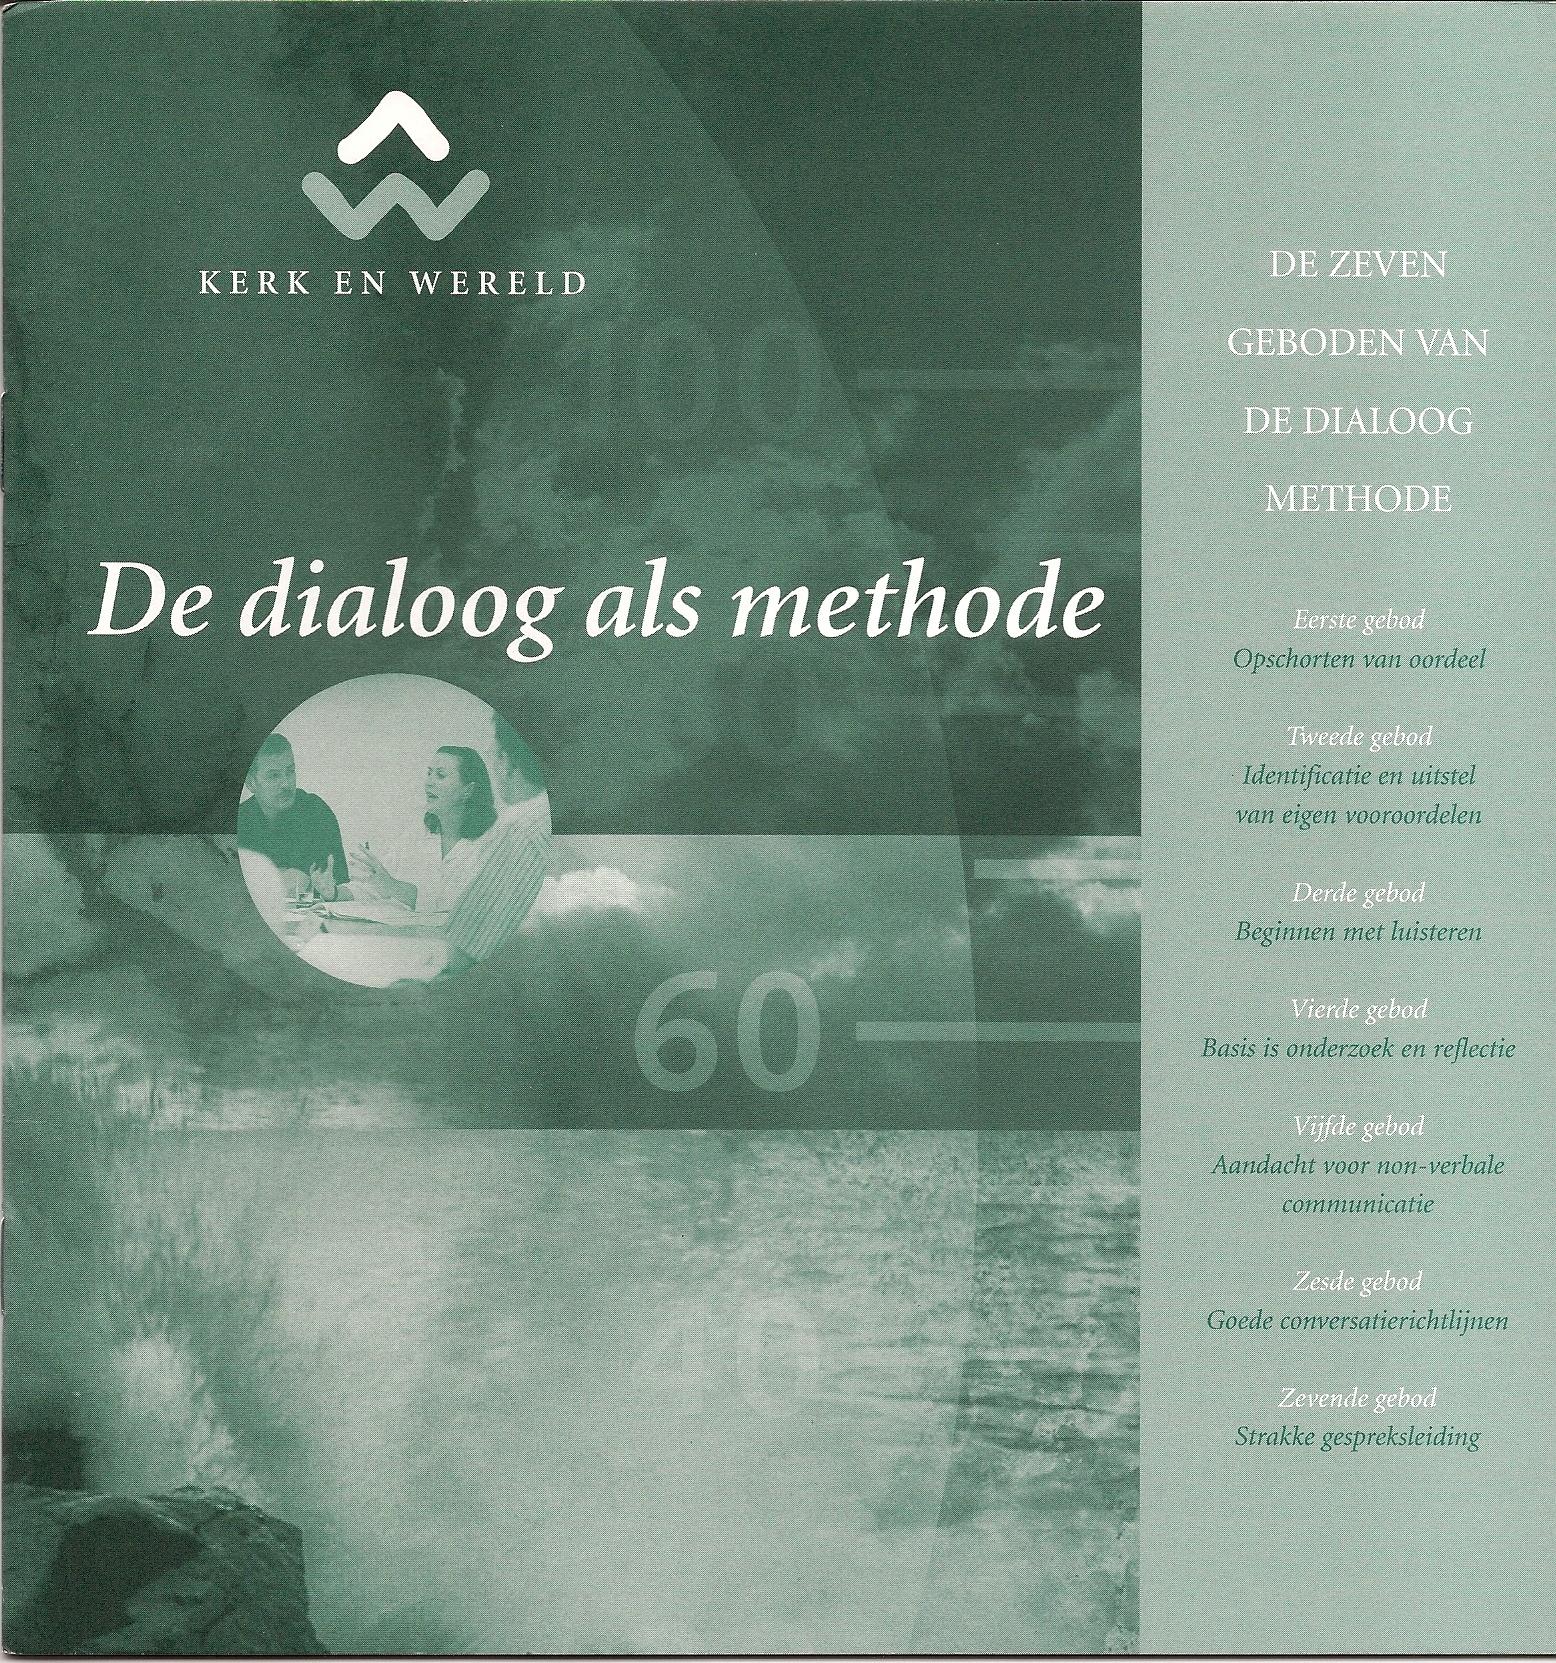 De dialoog als methode